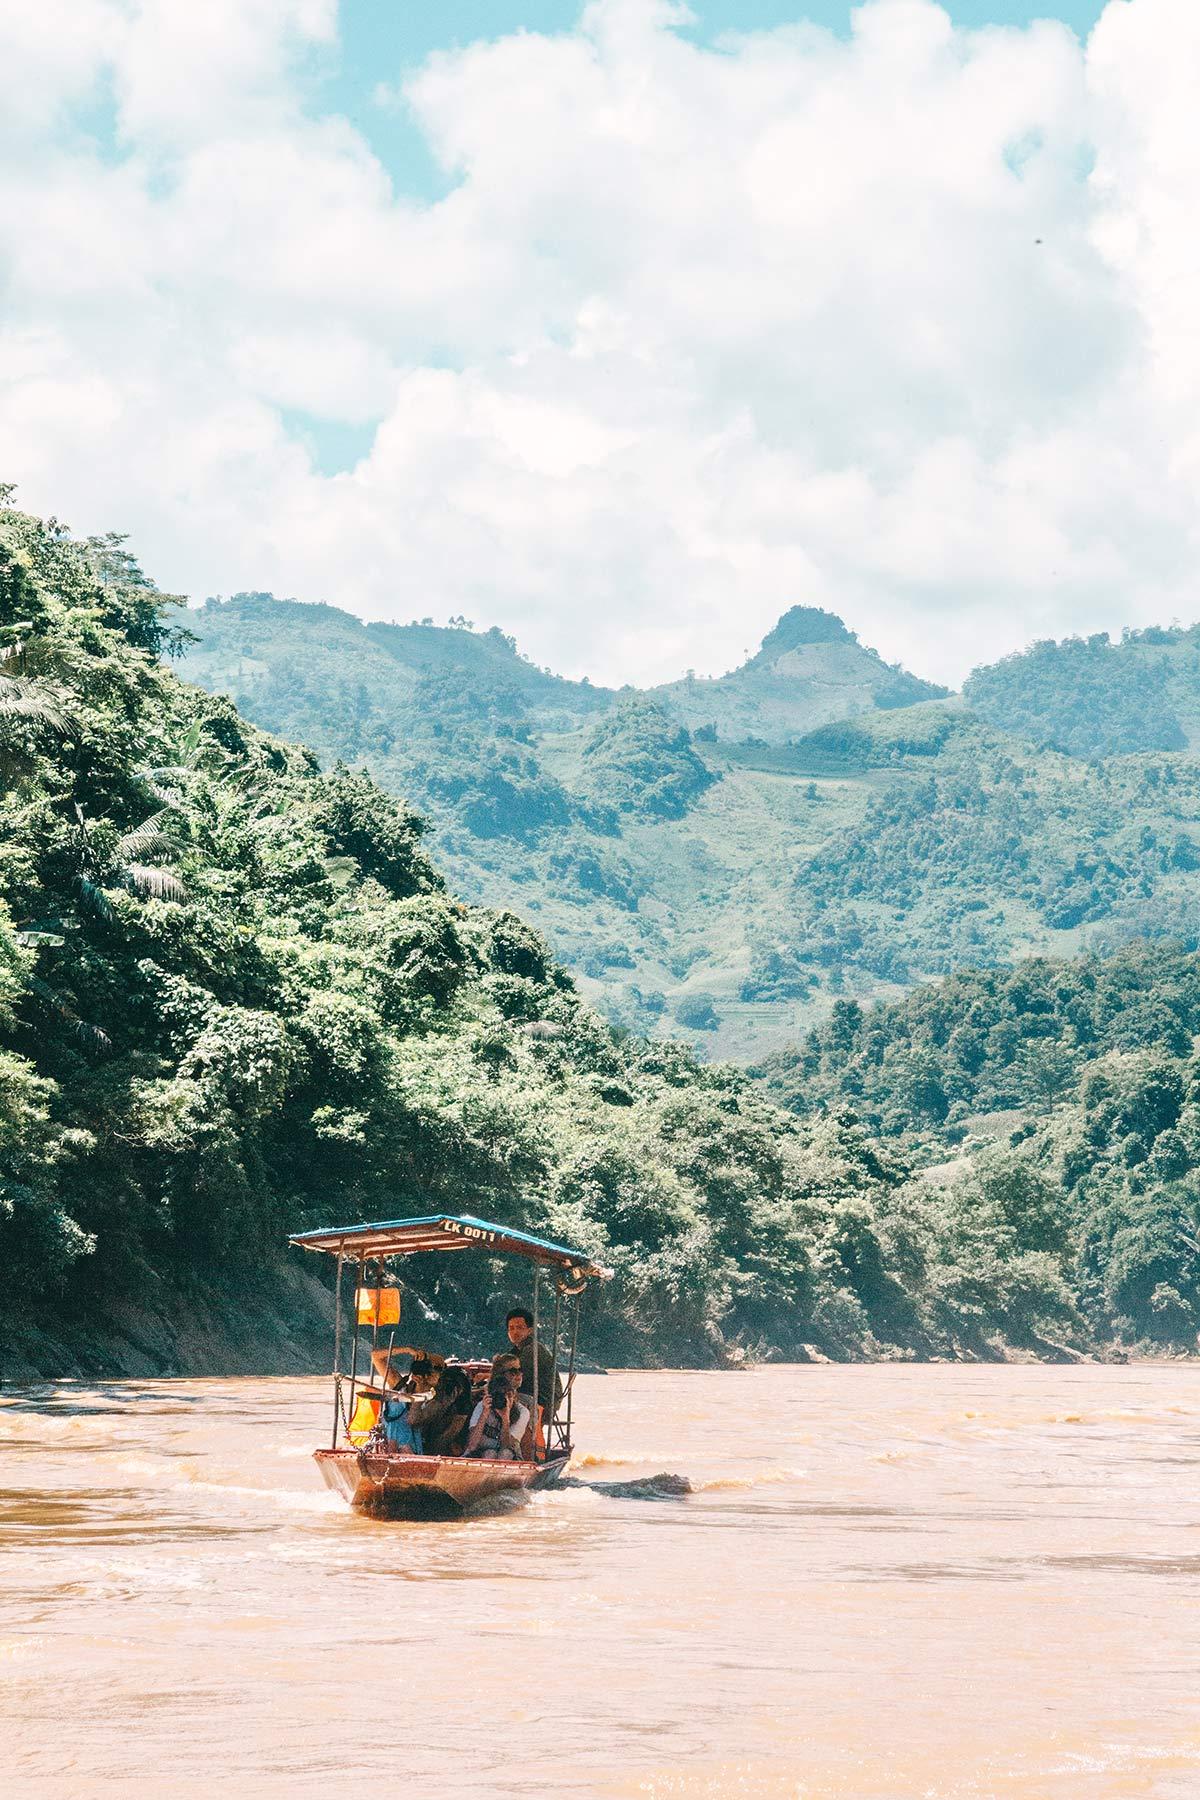 Bootsfahrt auf dem Fluss Chay in Vietnam